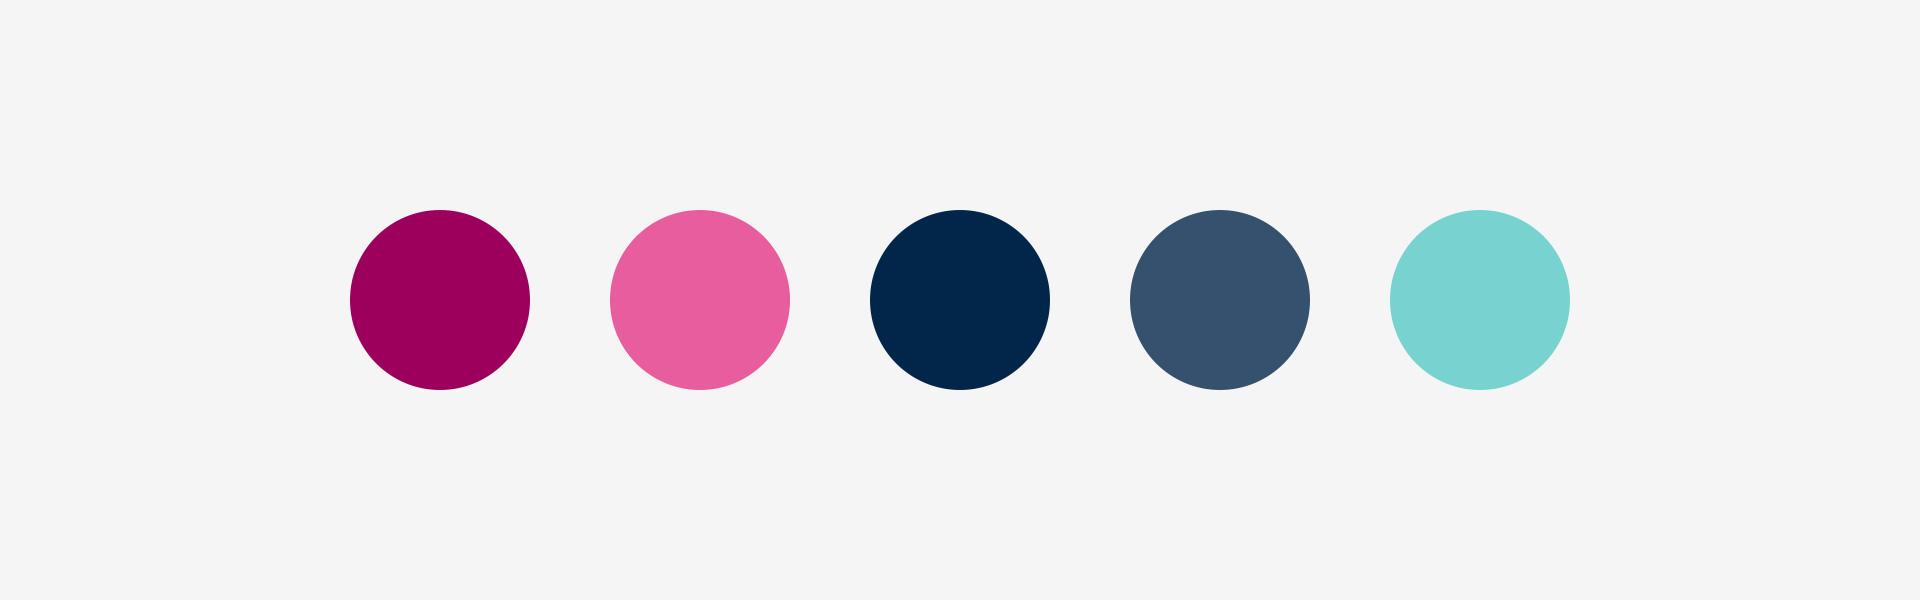 helene-chataigner-lan-color-palette-2